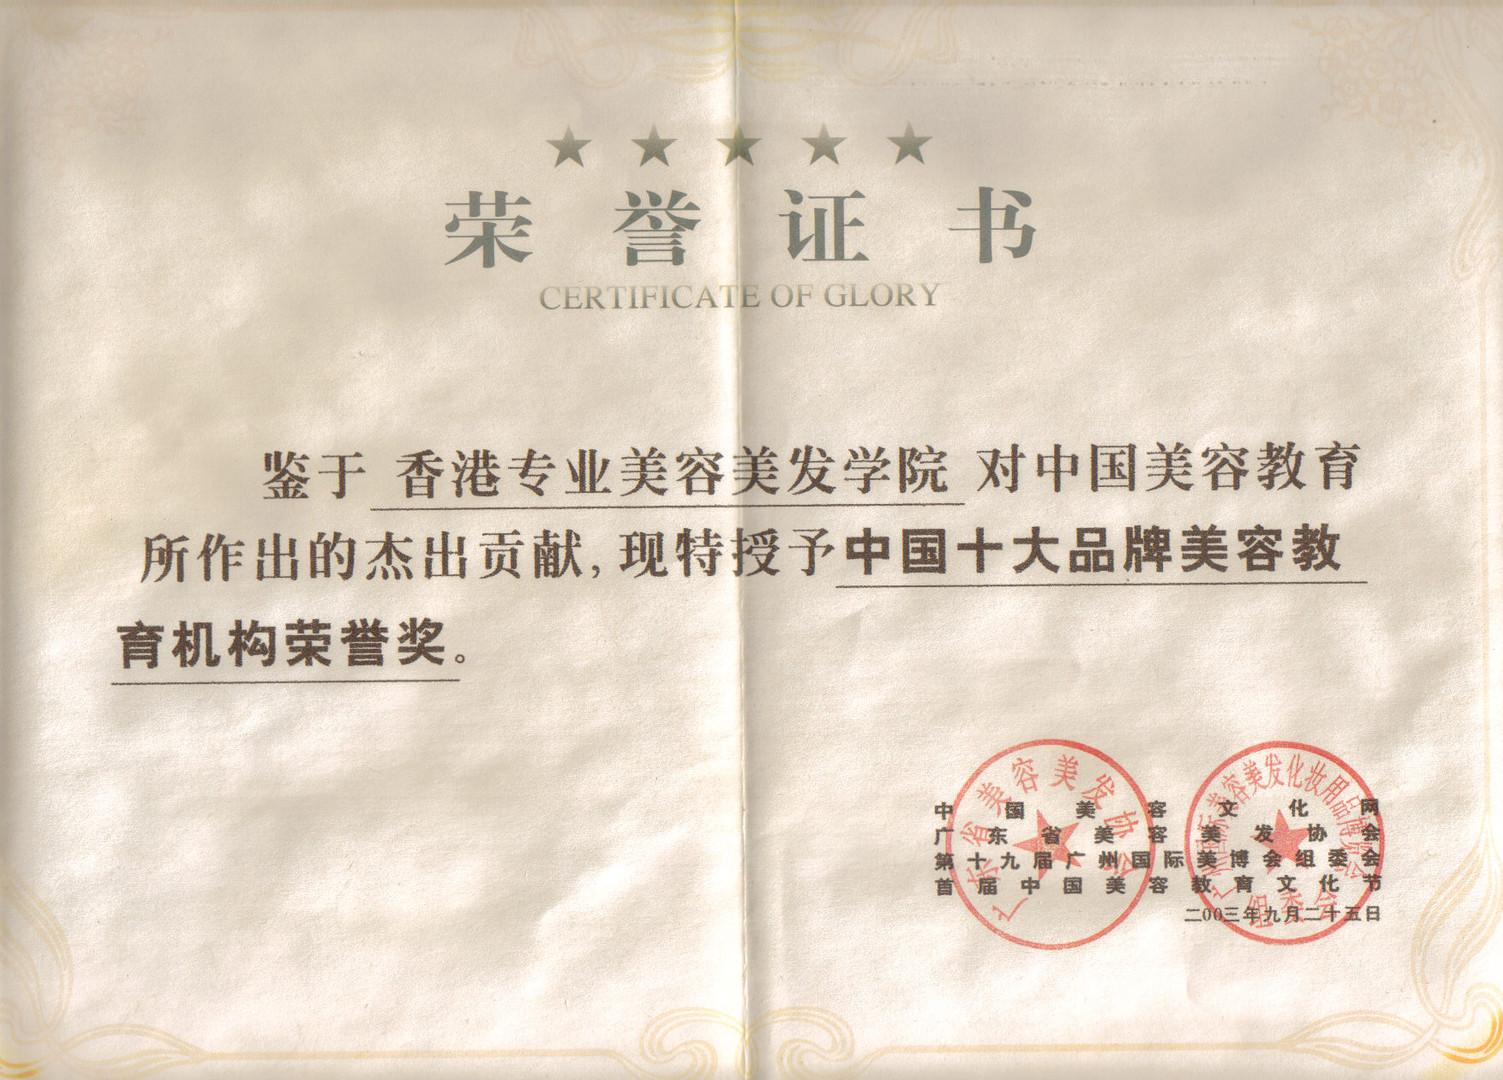 中國十大品牌教育大獎證書.jpg